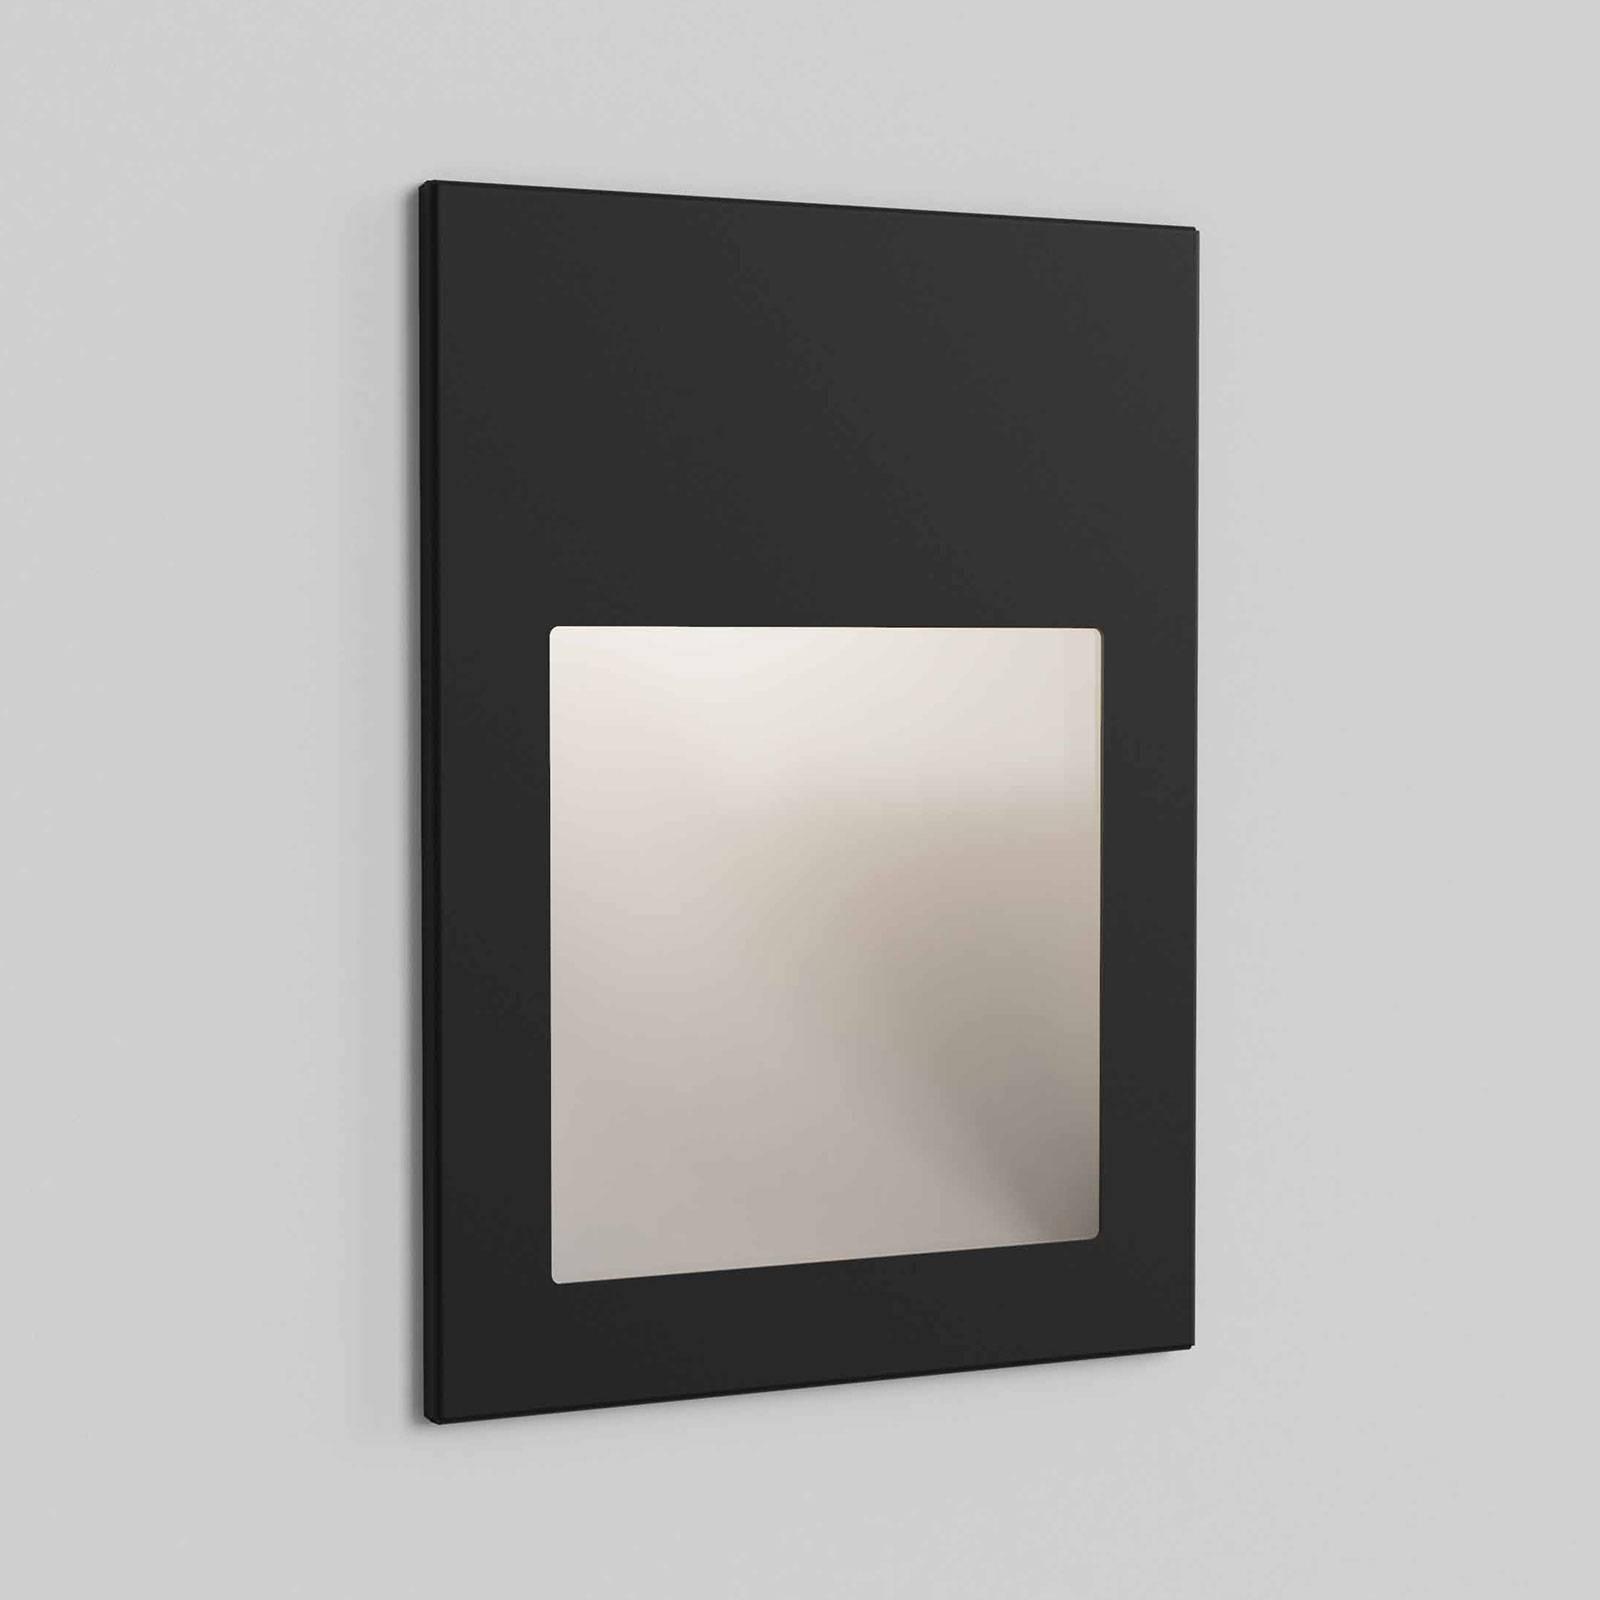 Astro Borgo 90 applique encastrable noir texturée